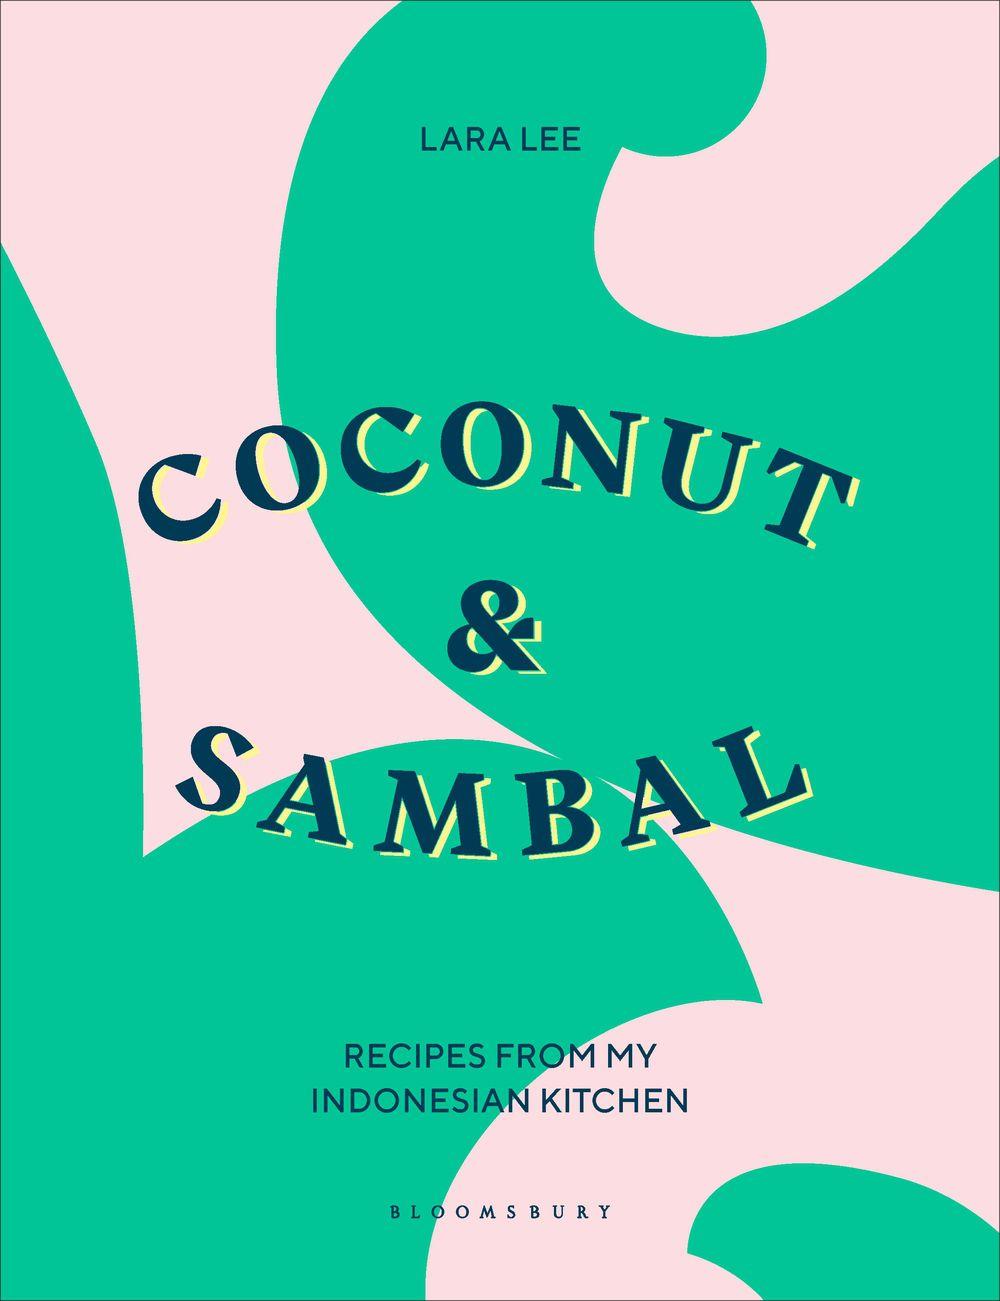 La couverture pour Coconut & amp; Sambal avec un fond abstrait rose et vert